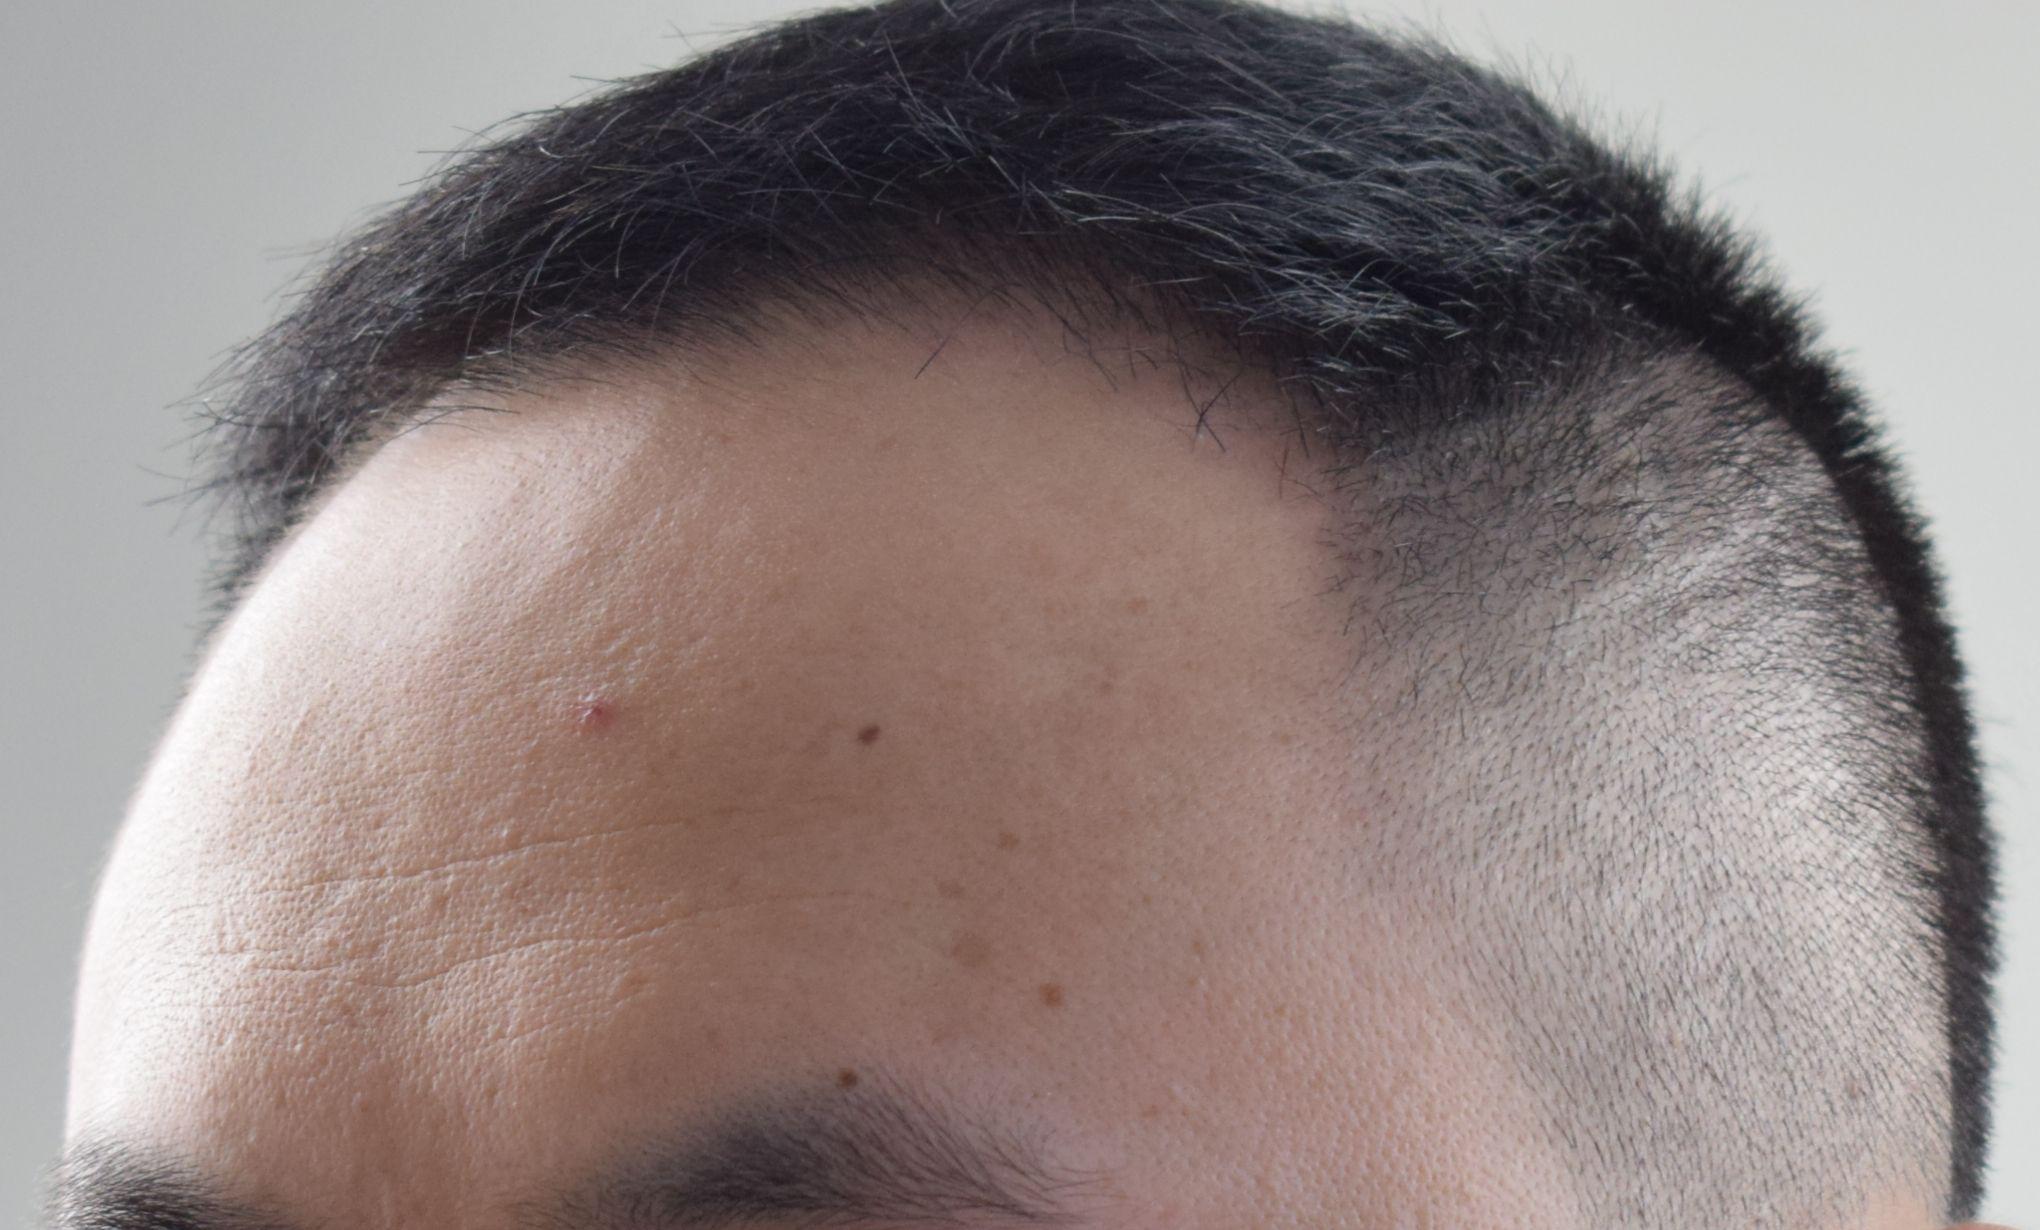 植发后脱落期全都掉了吗